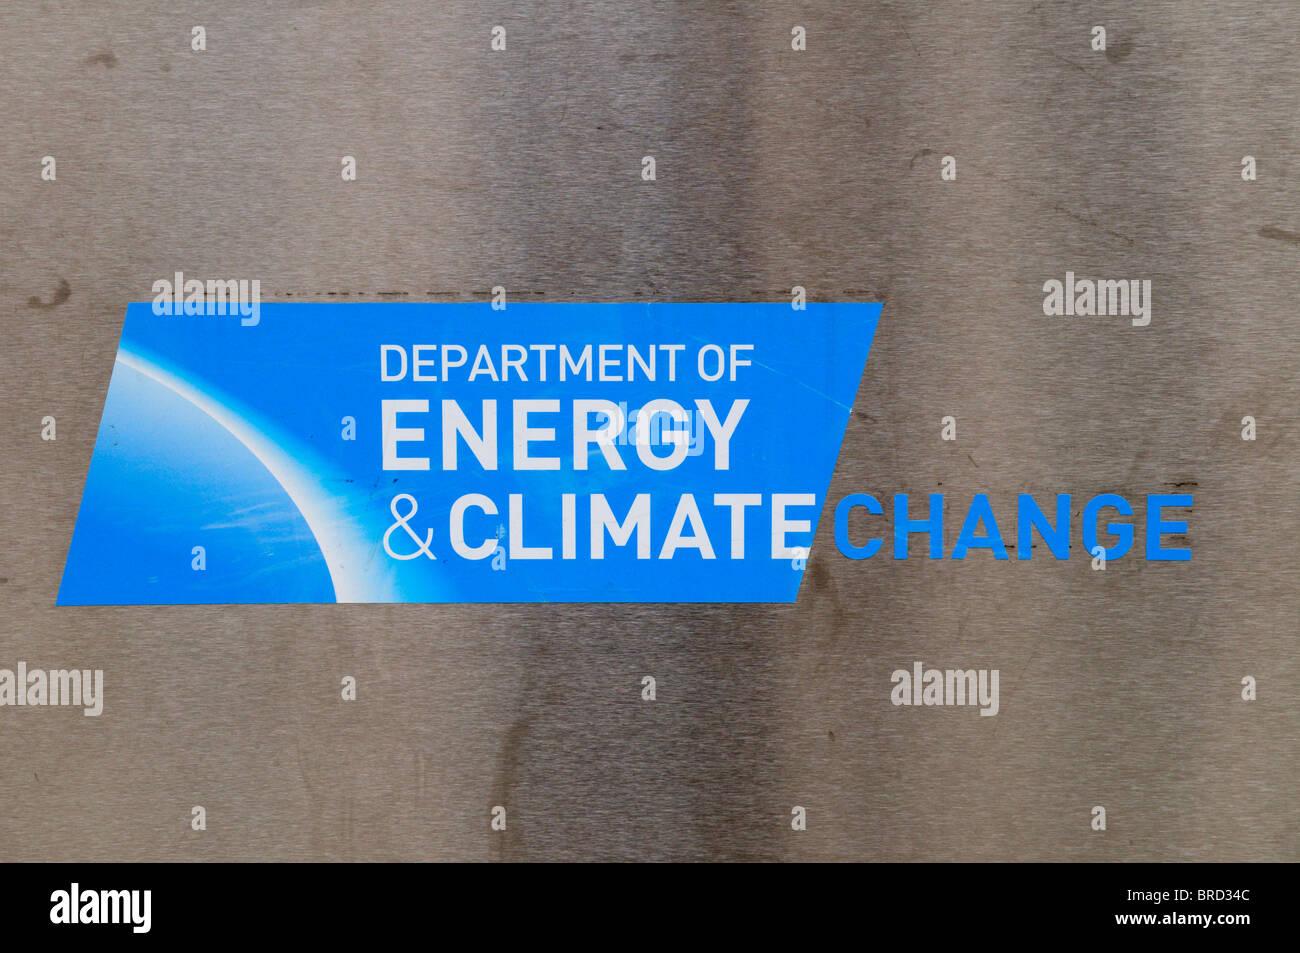 Departamento de Energía y Cambio Climático, signo de Whitehall Place, Londres, Inglaterra, Reino Unido. Imagen De Stock